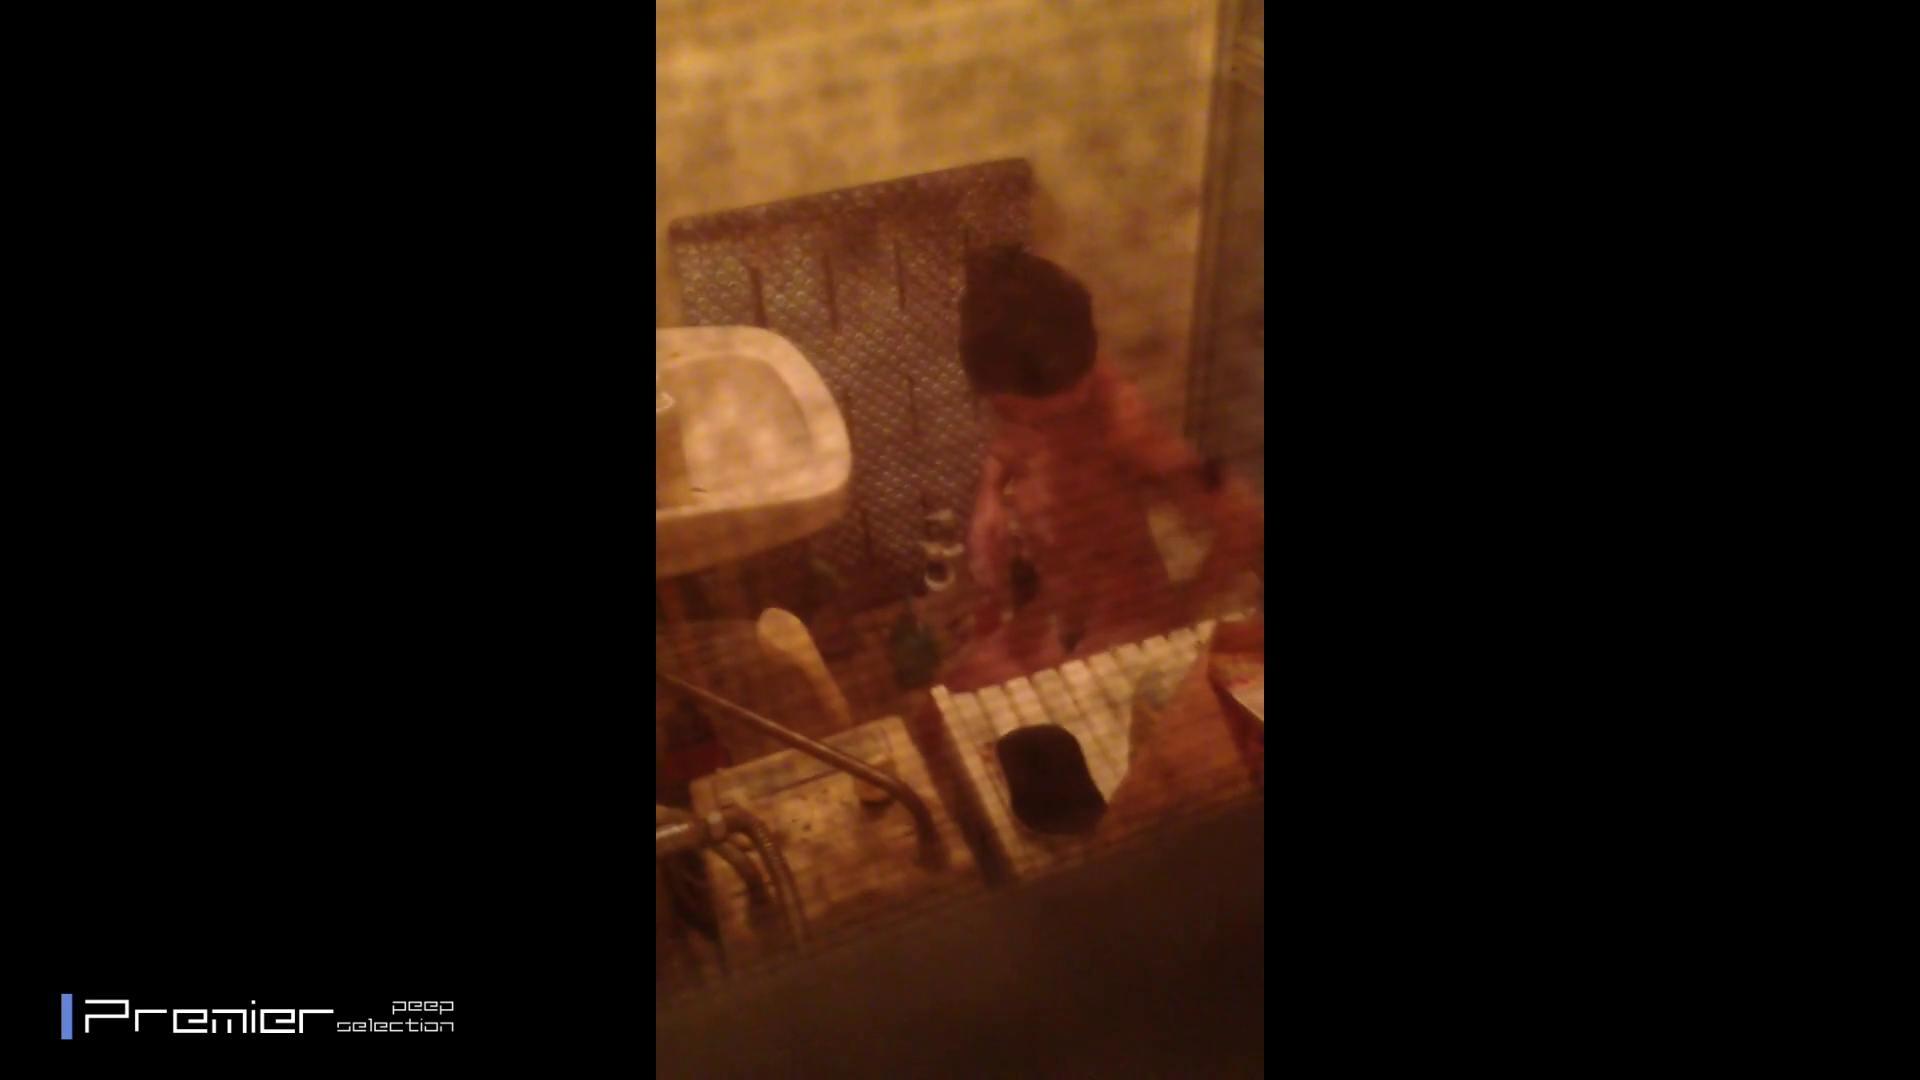 アダルトエロ動画|★永久保存版★全員バレ!大迫力入浴シーン 美女達の私生活に潜入!|怪盗ジョーカー